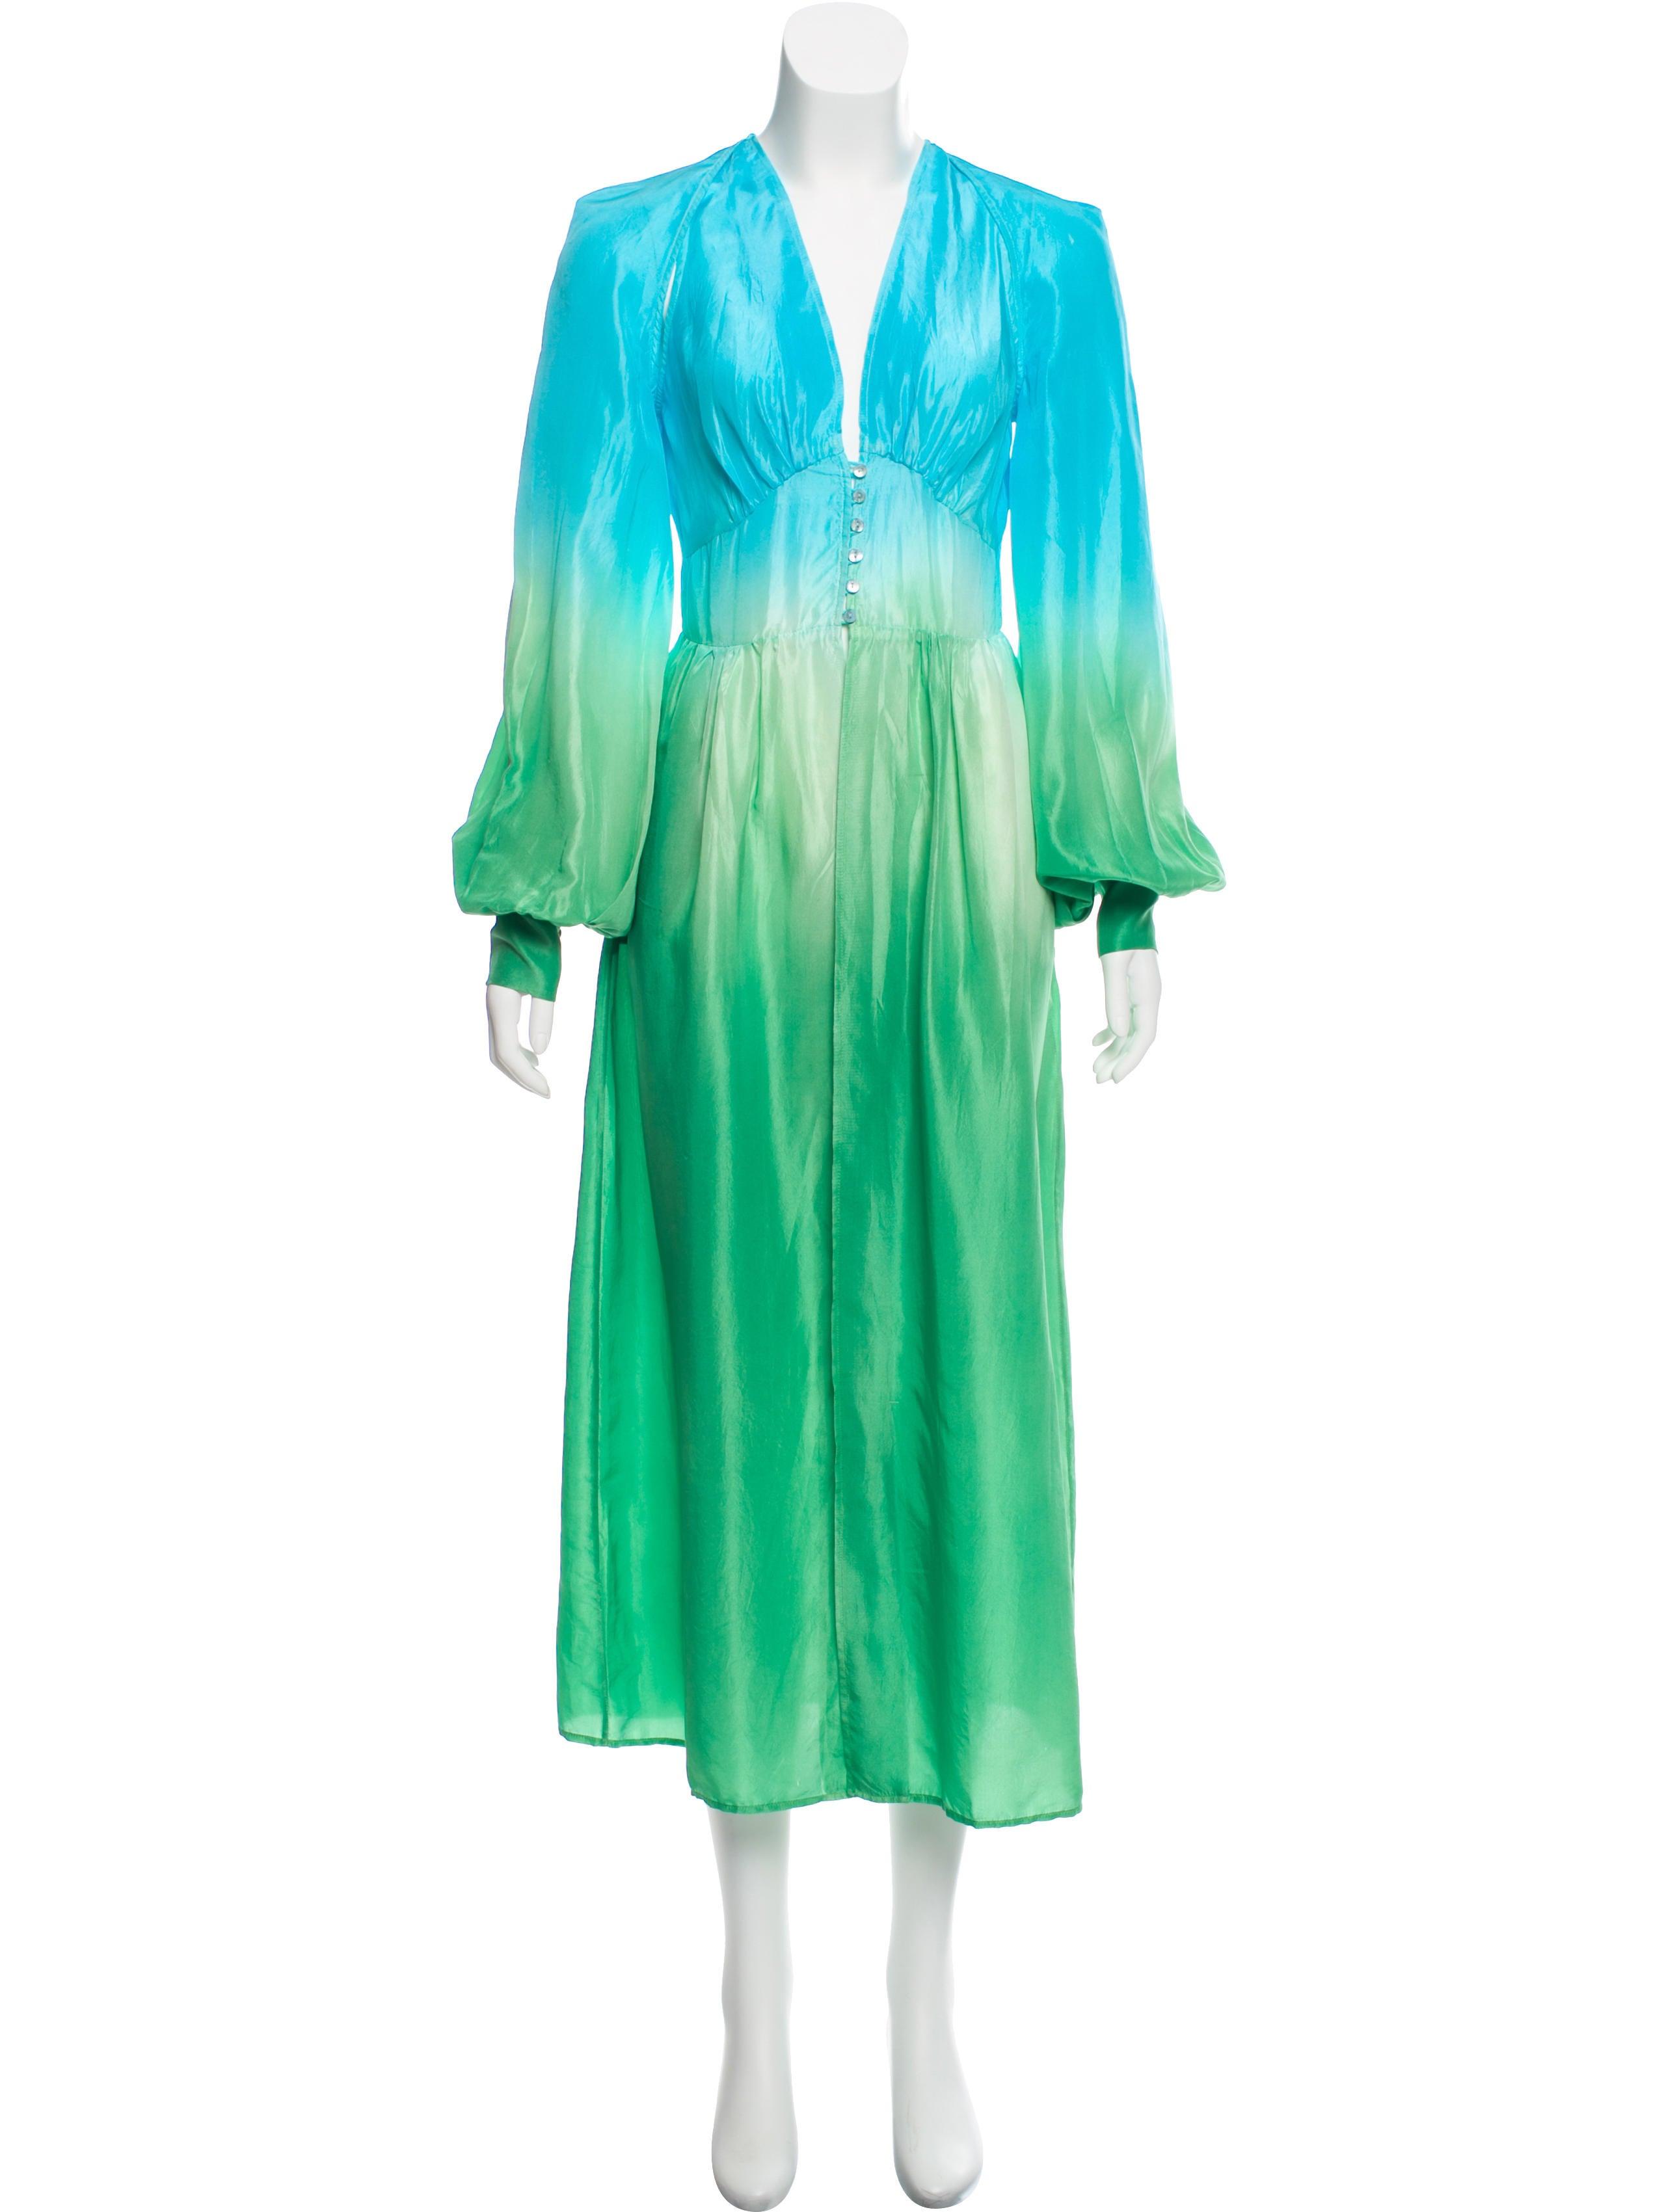 Silk Ombré Dress by Attico